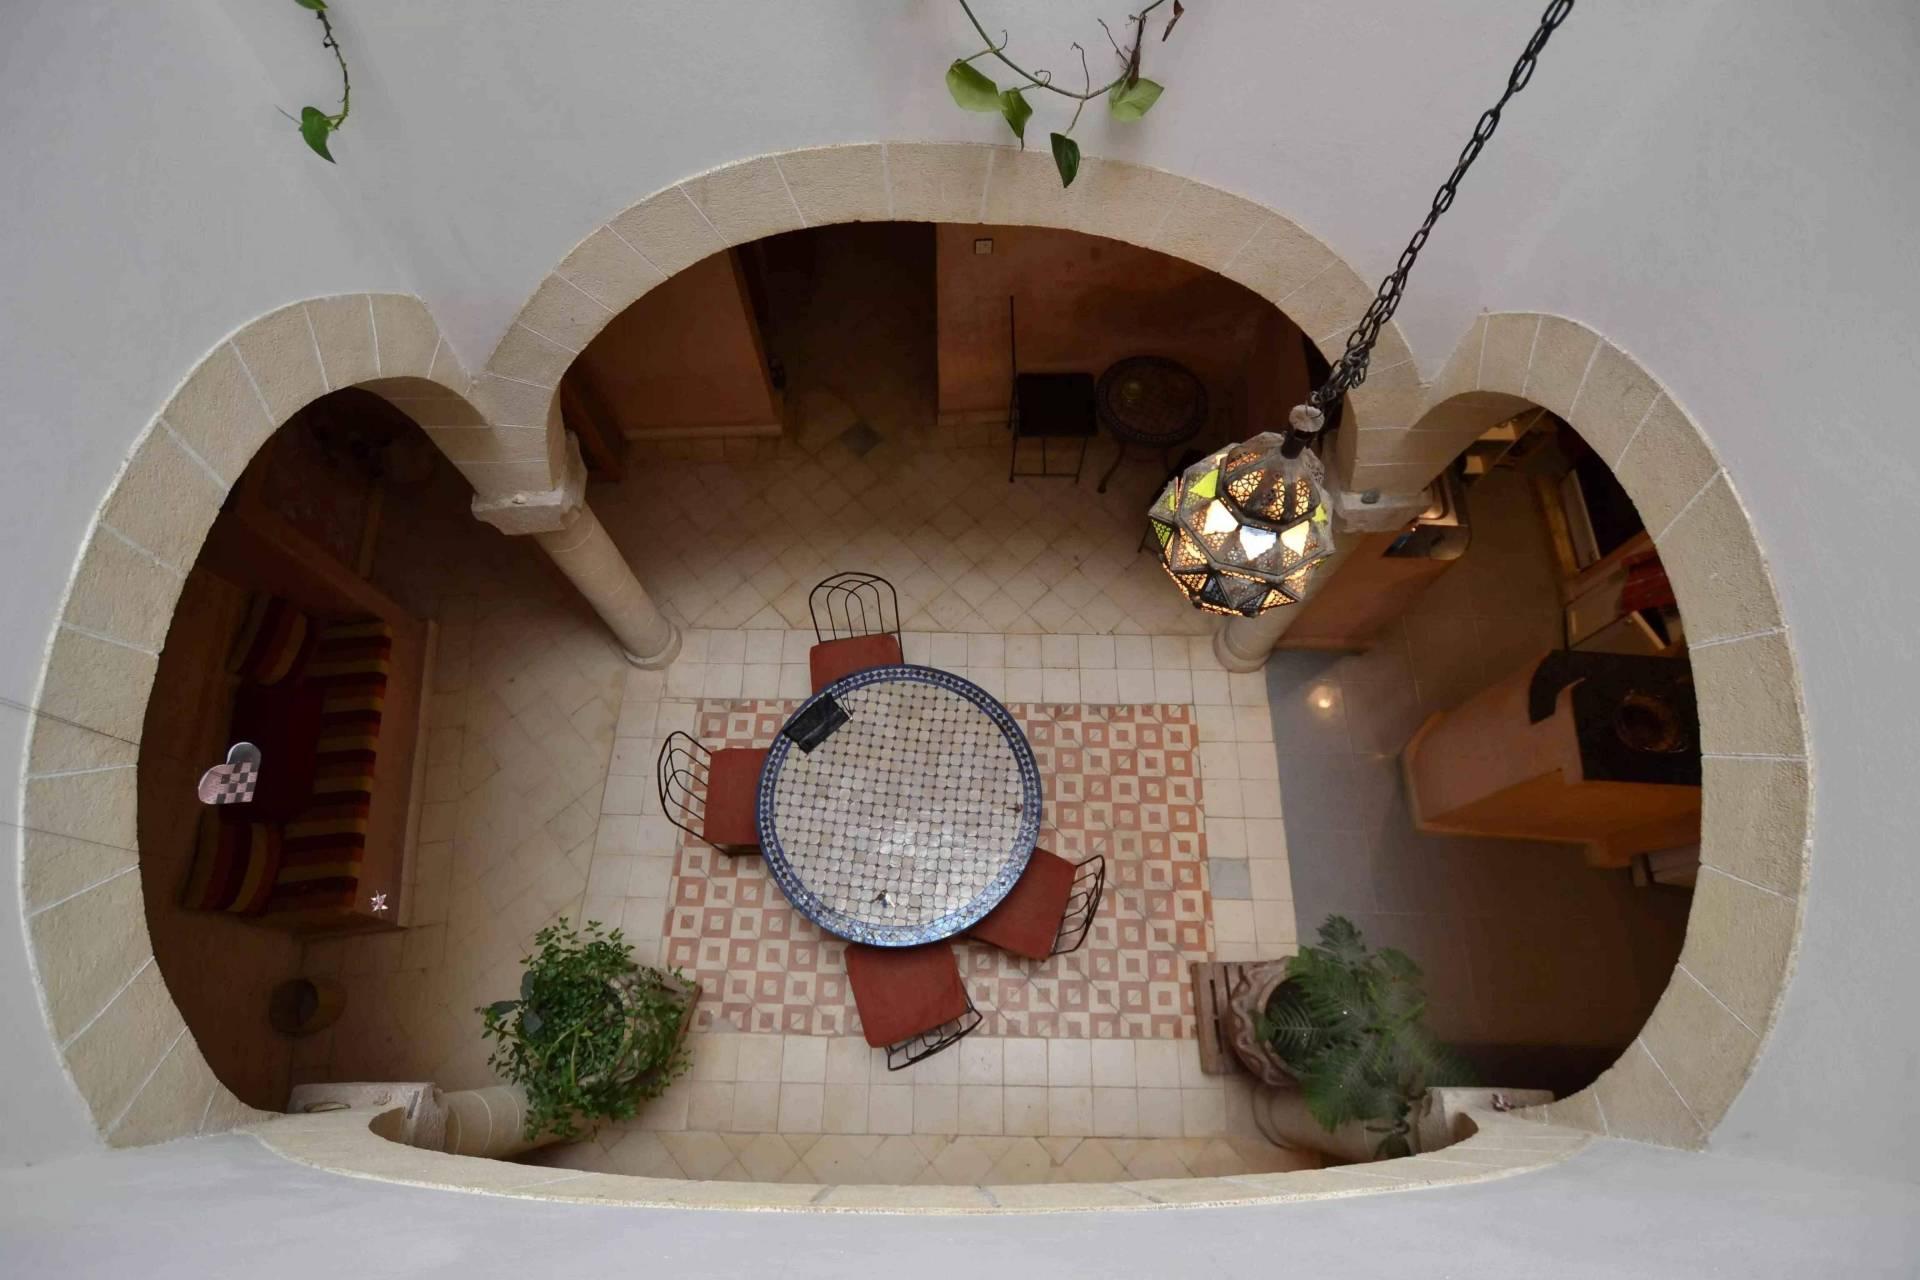 Vente - Riad - Médina - 220 m² - 250000 € - Essaouira - 9172